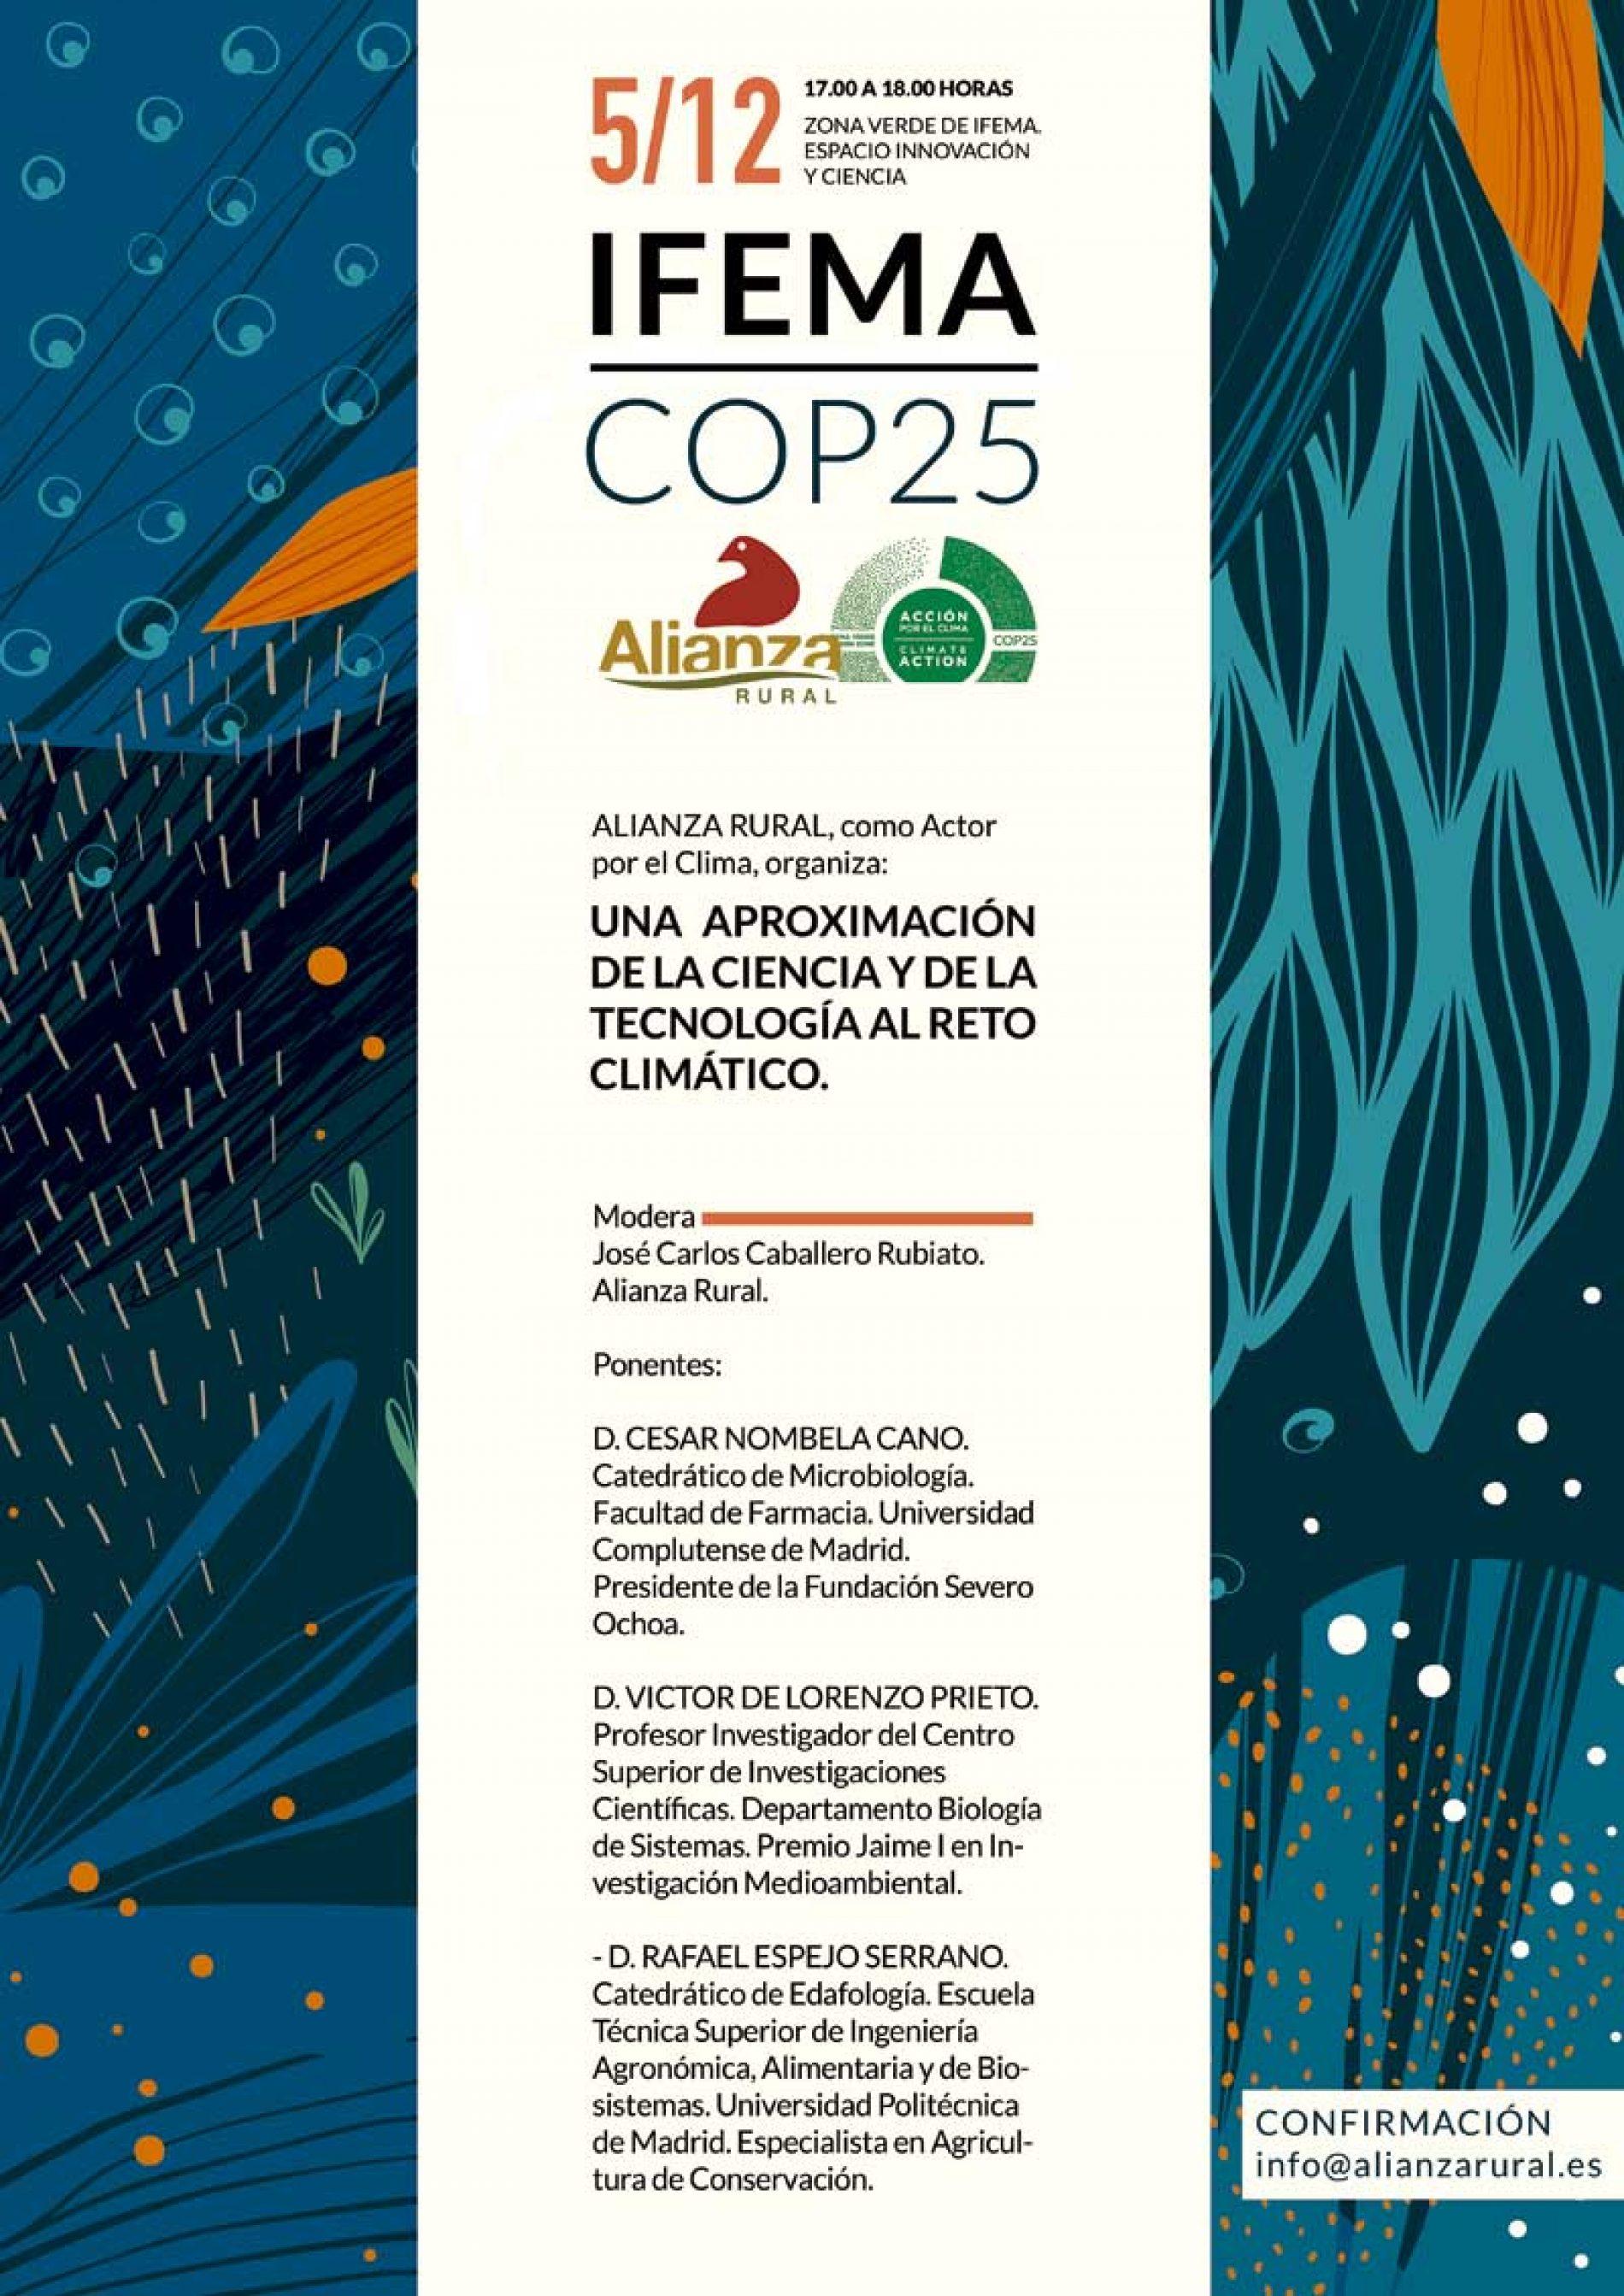 Alianza Rural: Actor Global por el Clima en COP25